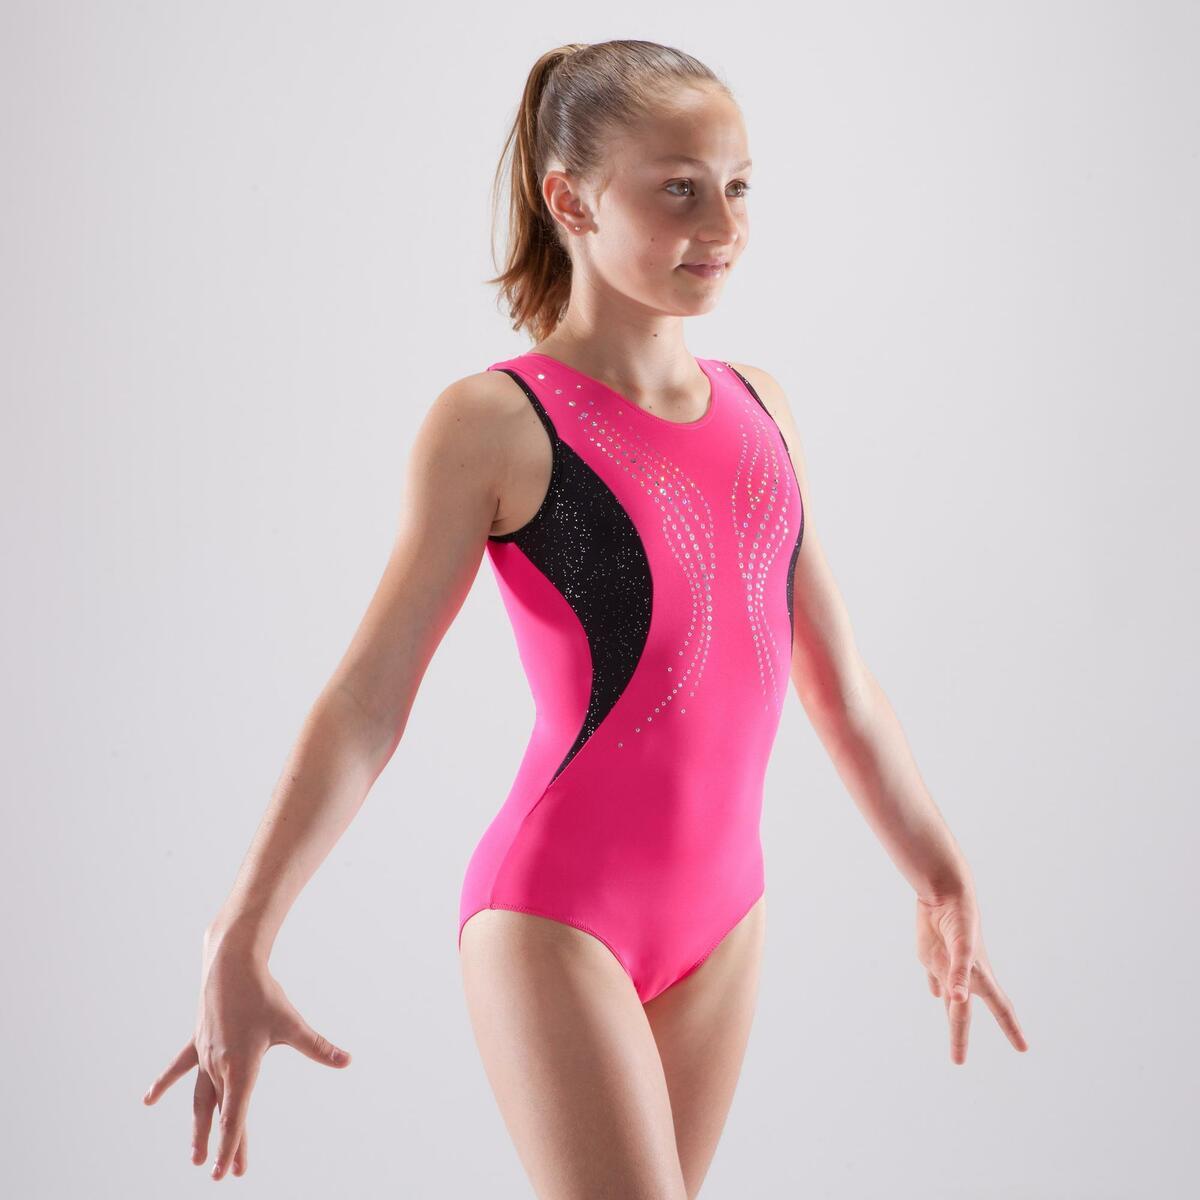 Bild 2 von Gymnastikanzug Turnanzug ärmellos Pailletten rosa